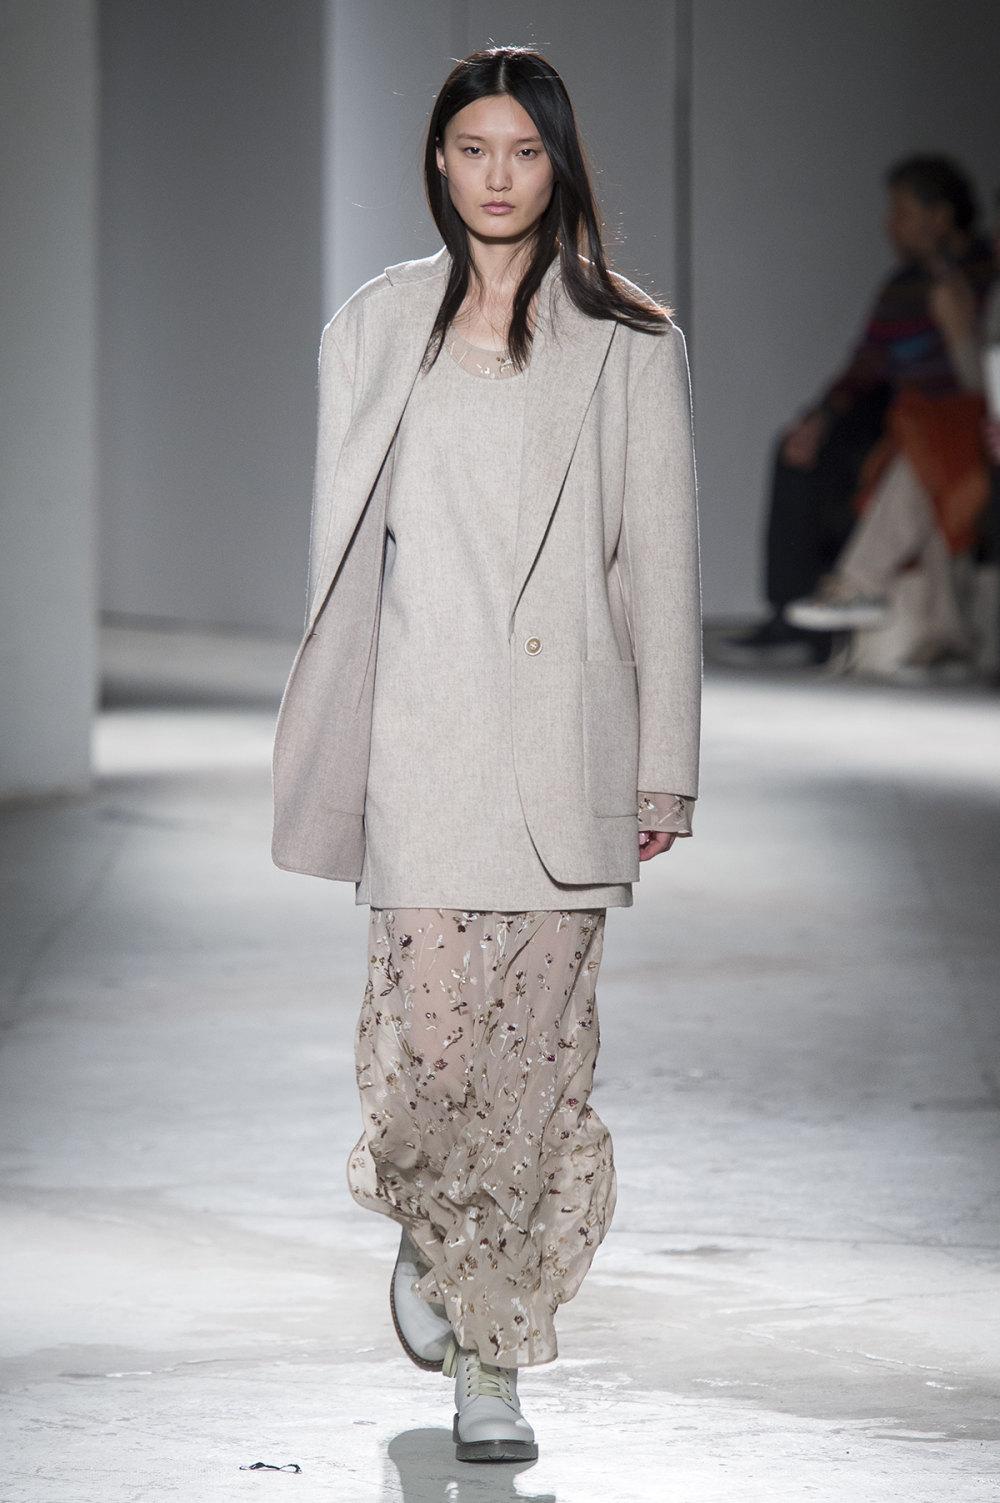 Agnona时装系列有纹理外套长而瘦有些穿着浴袍宽腿裤套装有巧克力-2.jpg